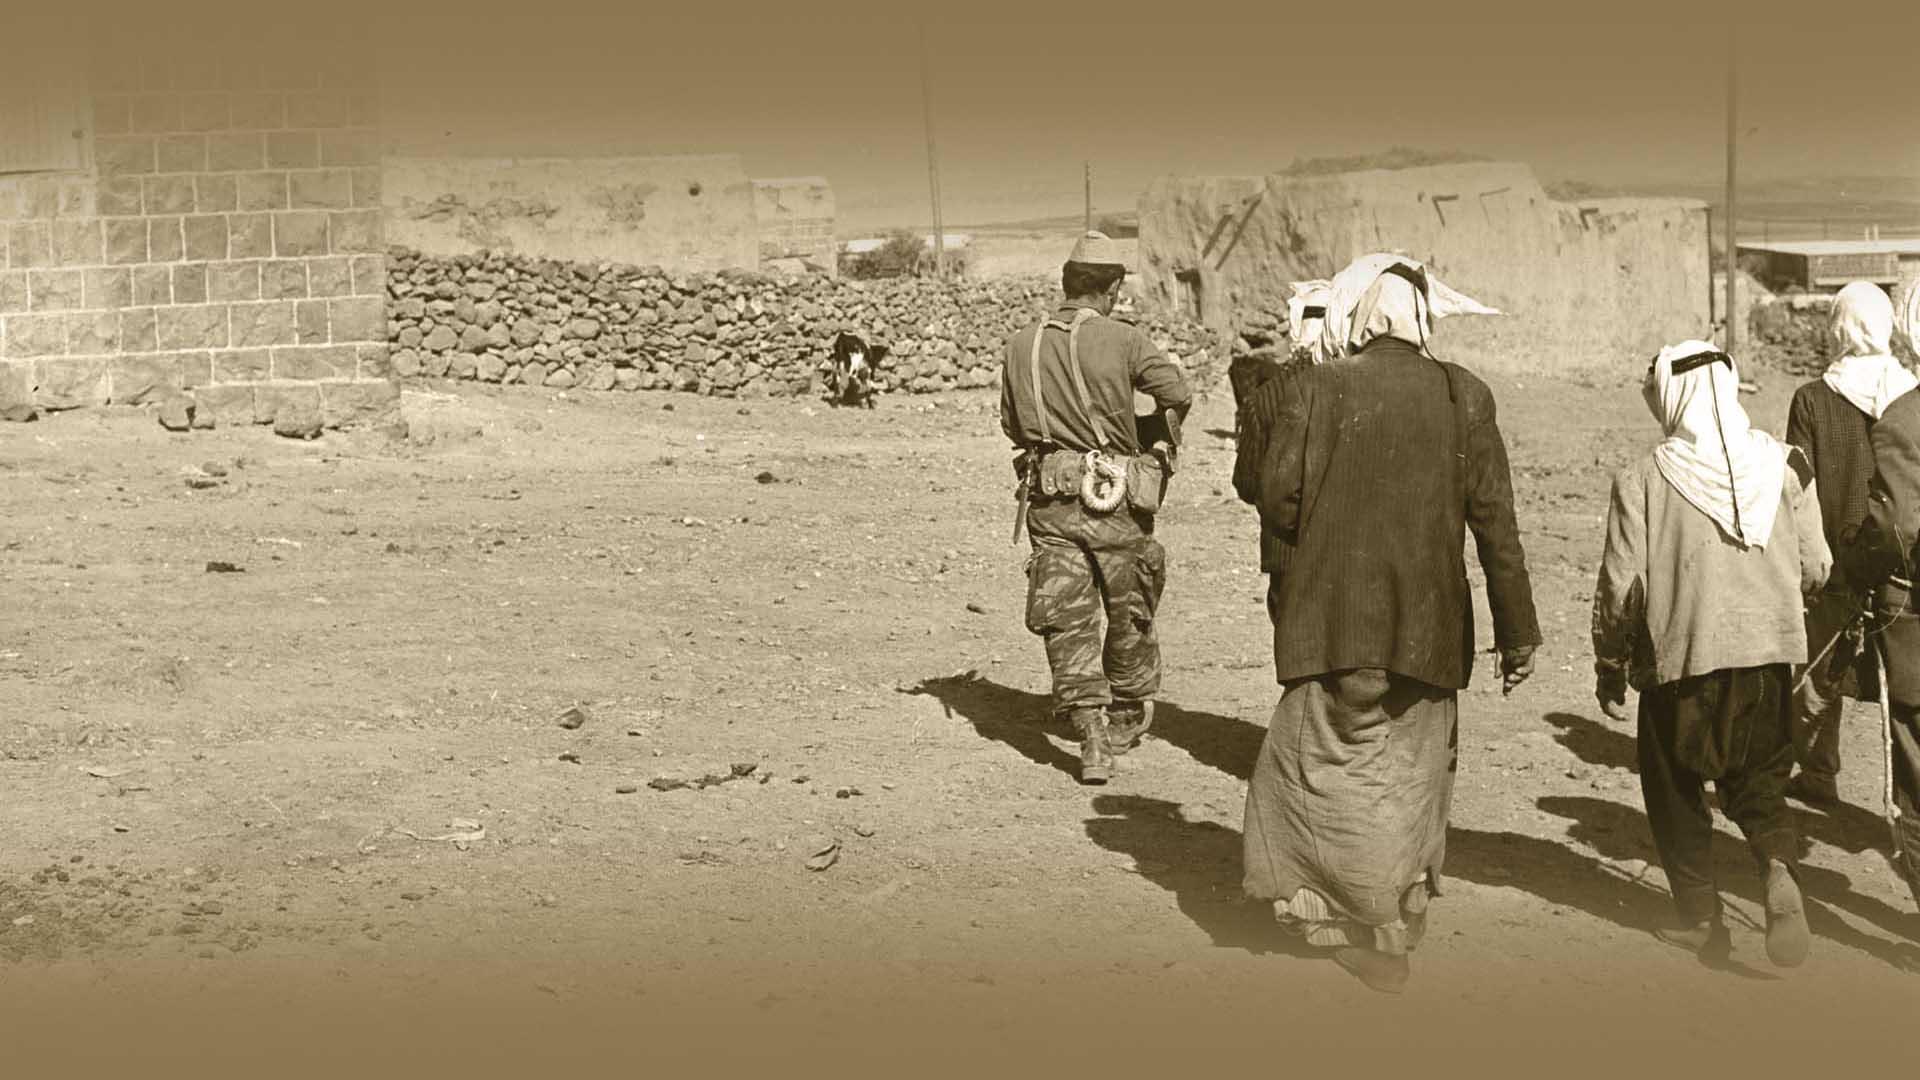 هكذا حدث الطرد الهادئ للسوريين من الجولان (1 من 3)